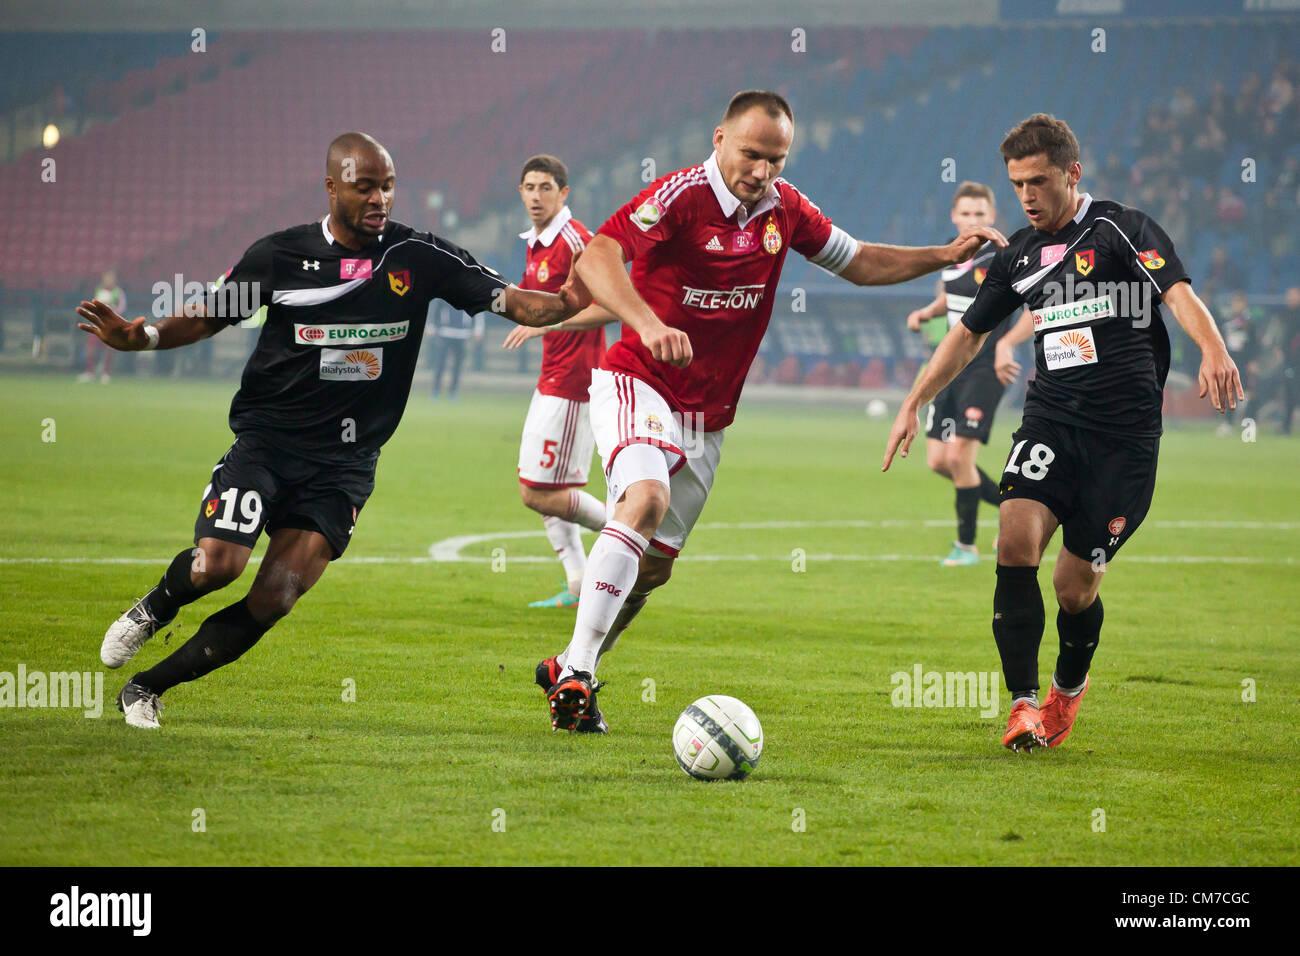 October 20, 2012 Cracow, Poland - Eighth round of Polish Football Extraleague. (L) Ugochukwu Ukah, (C) Arkadiusz - Stock Image